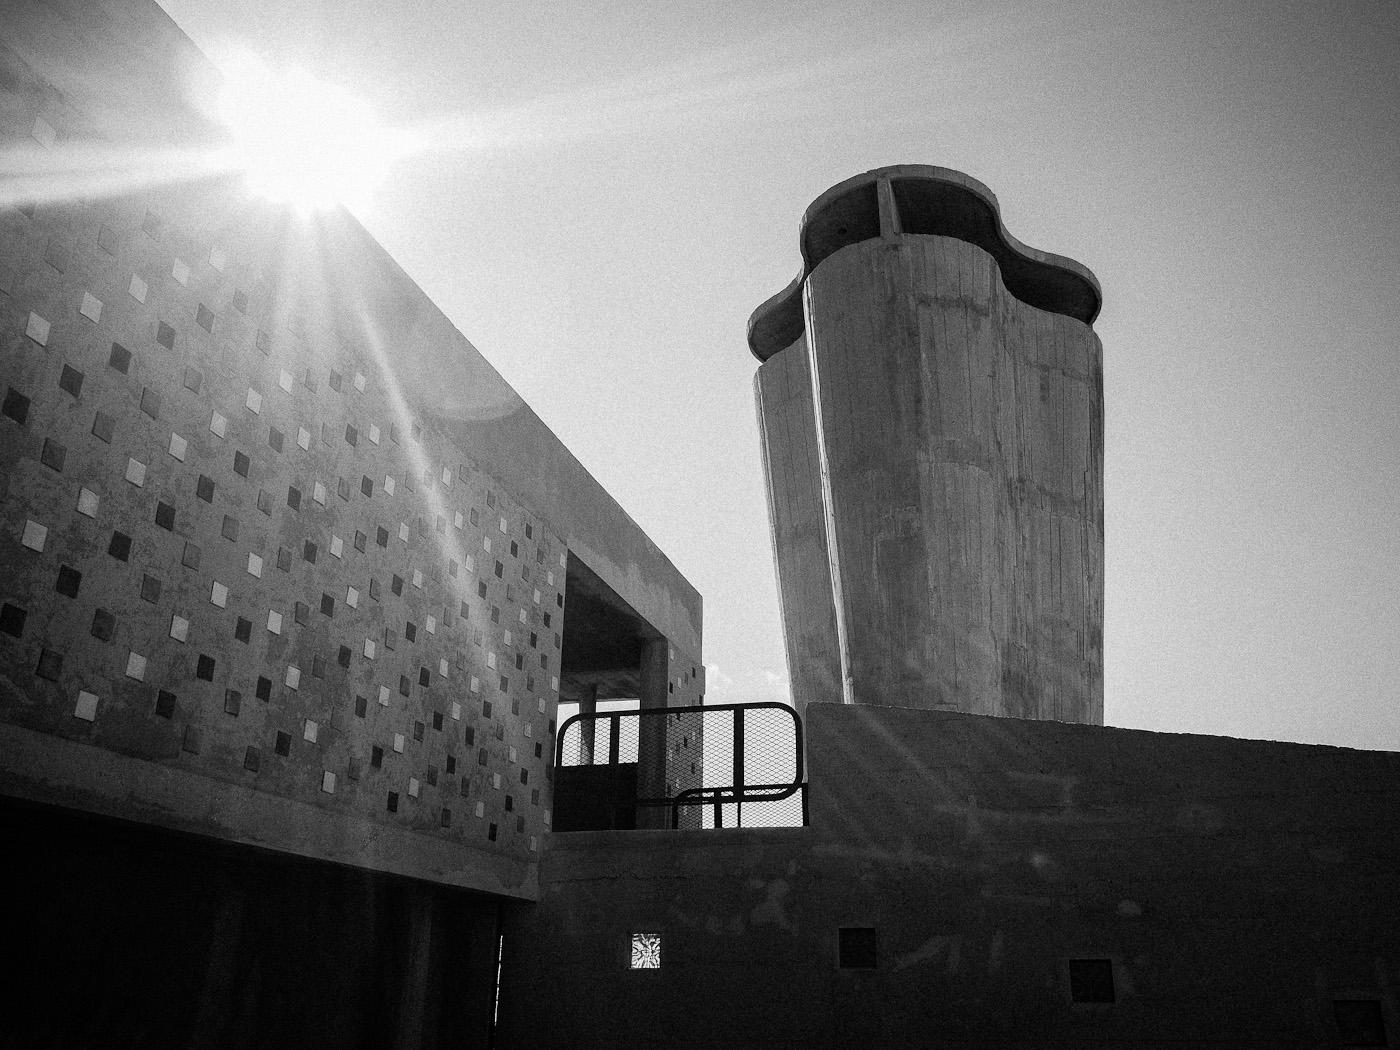 The rooftop gymnaisum at Le Corbusier's La Cité Radieuse in Marseilles. Olympus OM-D E-M5.